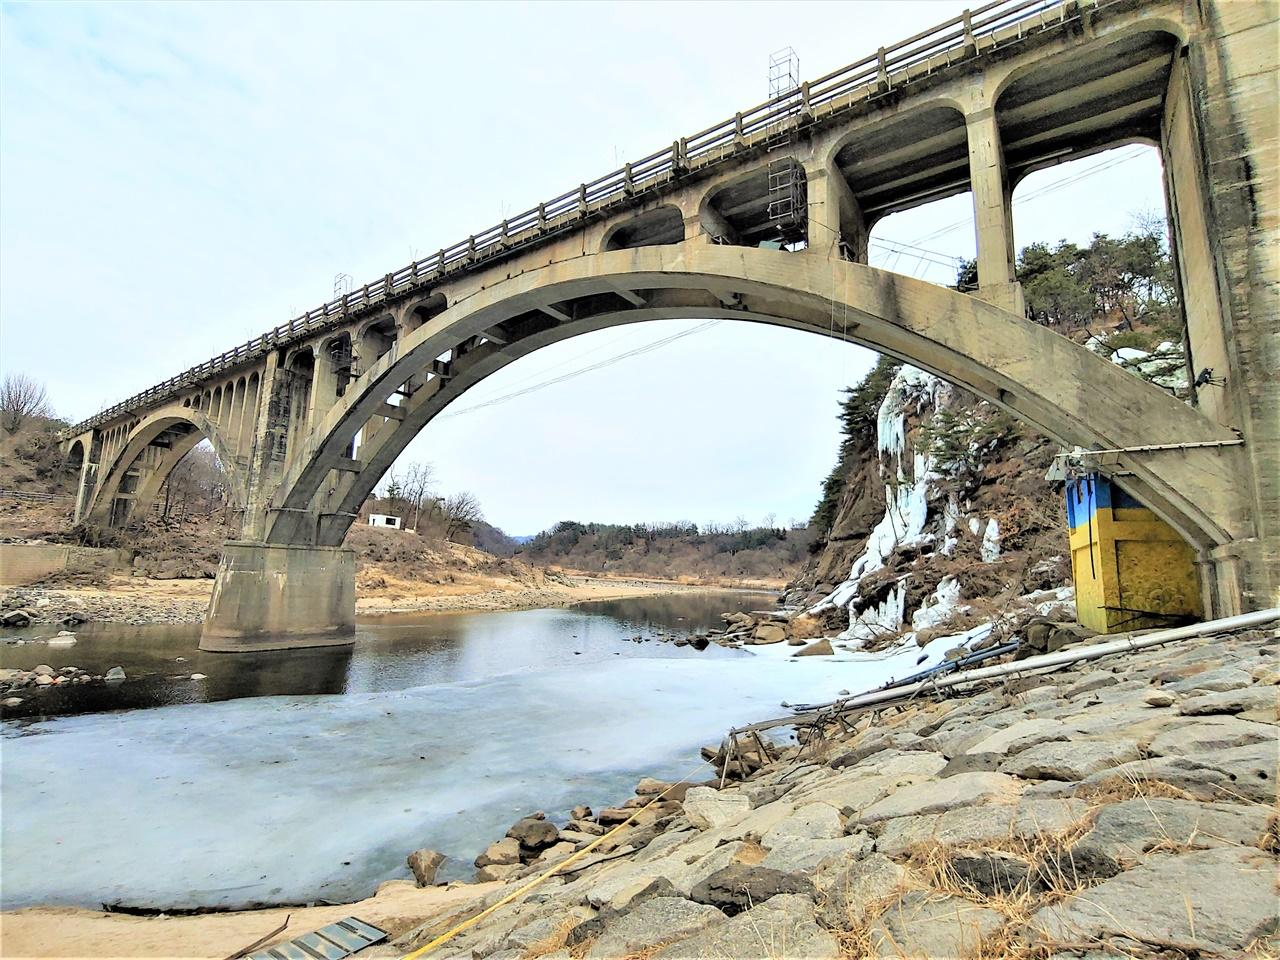 승일교 전경 다리 이름은 한국전쟁에서 전사한 박승일 장군에서 연유한다. 분단을 슬퍼하는 한탄강의 다른 뜻 처럼 다리도 강 이름을 닮았다.